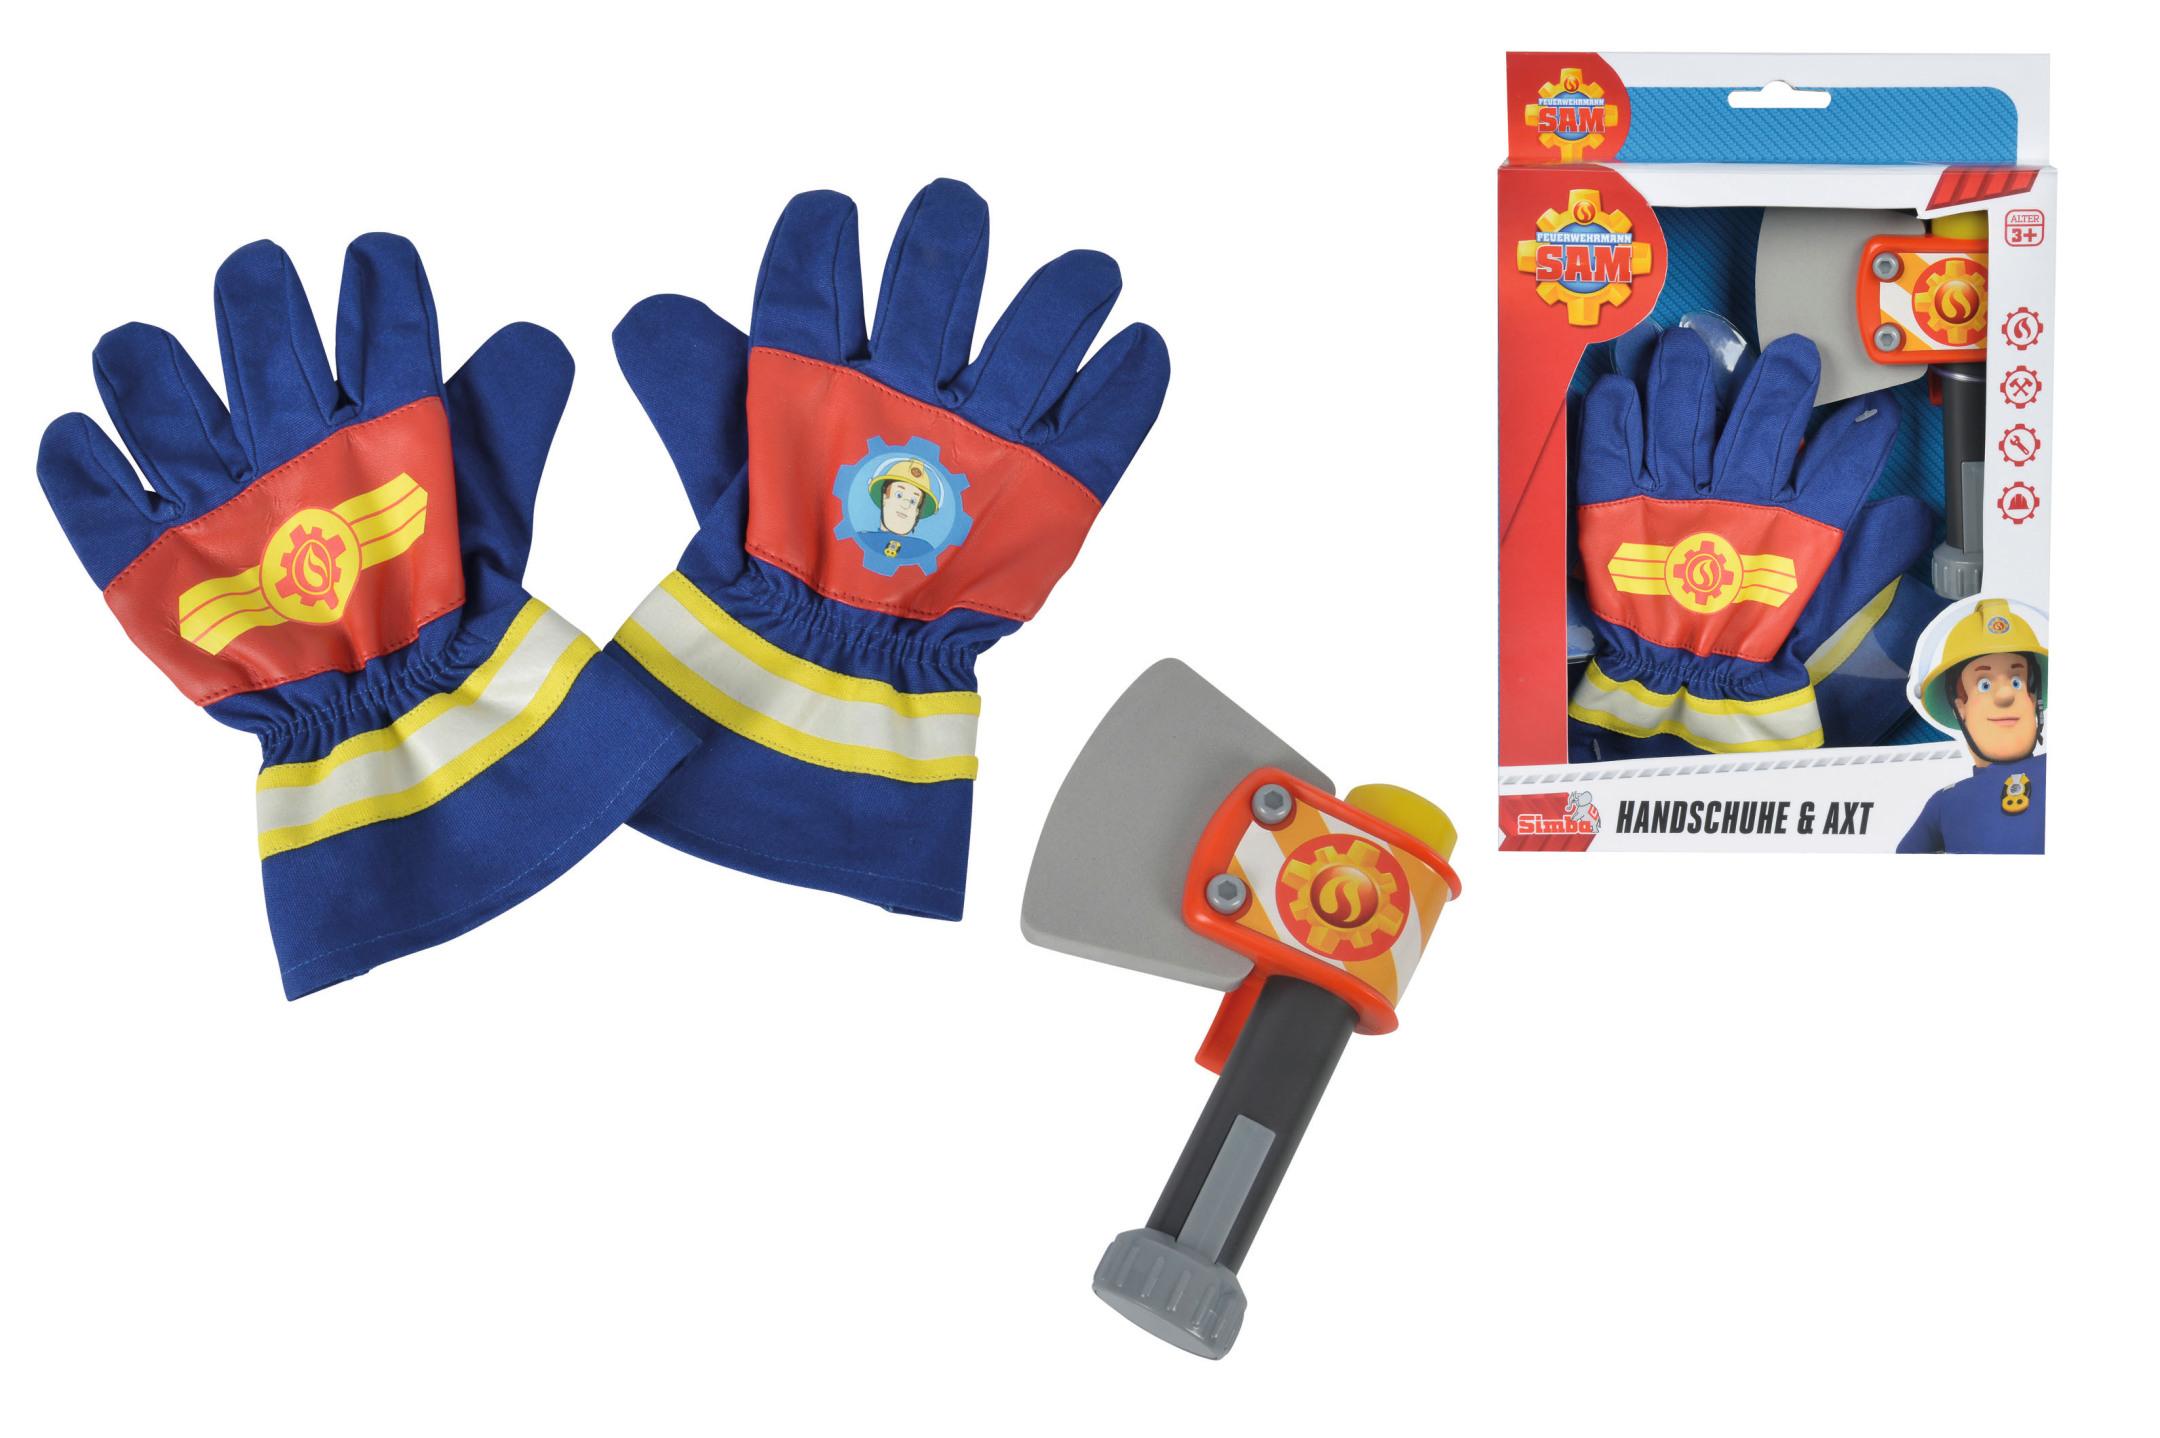 Fireman Sam Handschuhe und Axt